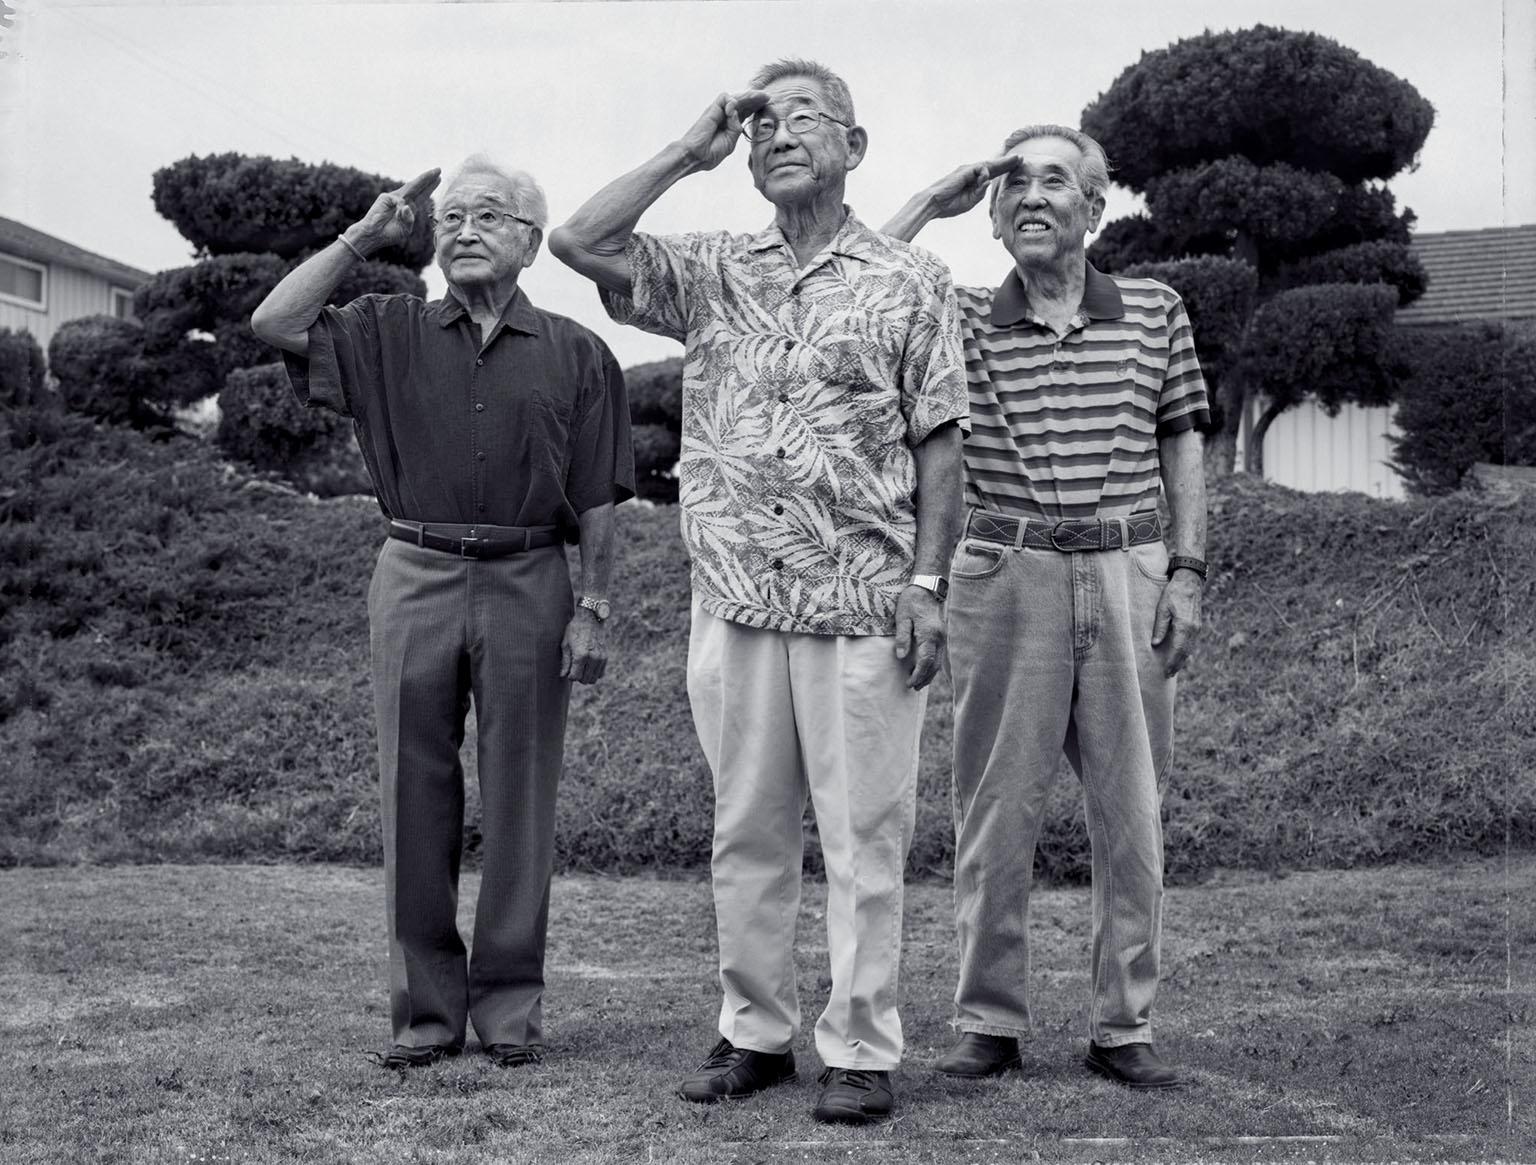 攝影師保羅.北垣二世在2013年找到這三個人,並請他們在70年後以同樣的姿勢留影,地點在加東位於加州蒙特里公園市的自宅外。攝影:保羅.北垣二世 PAUL KITAGAKI, JR.